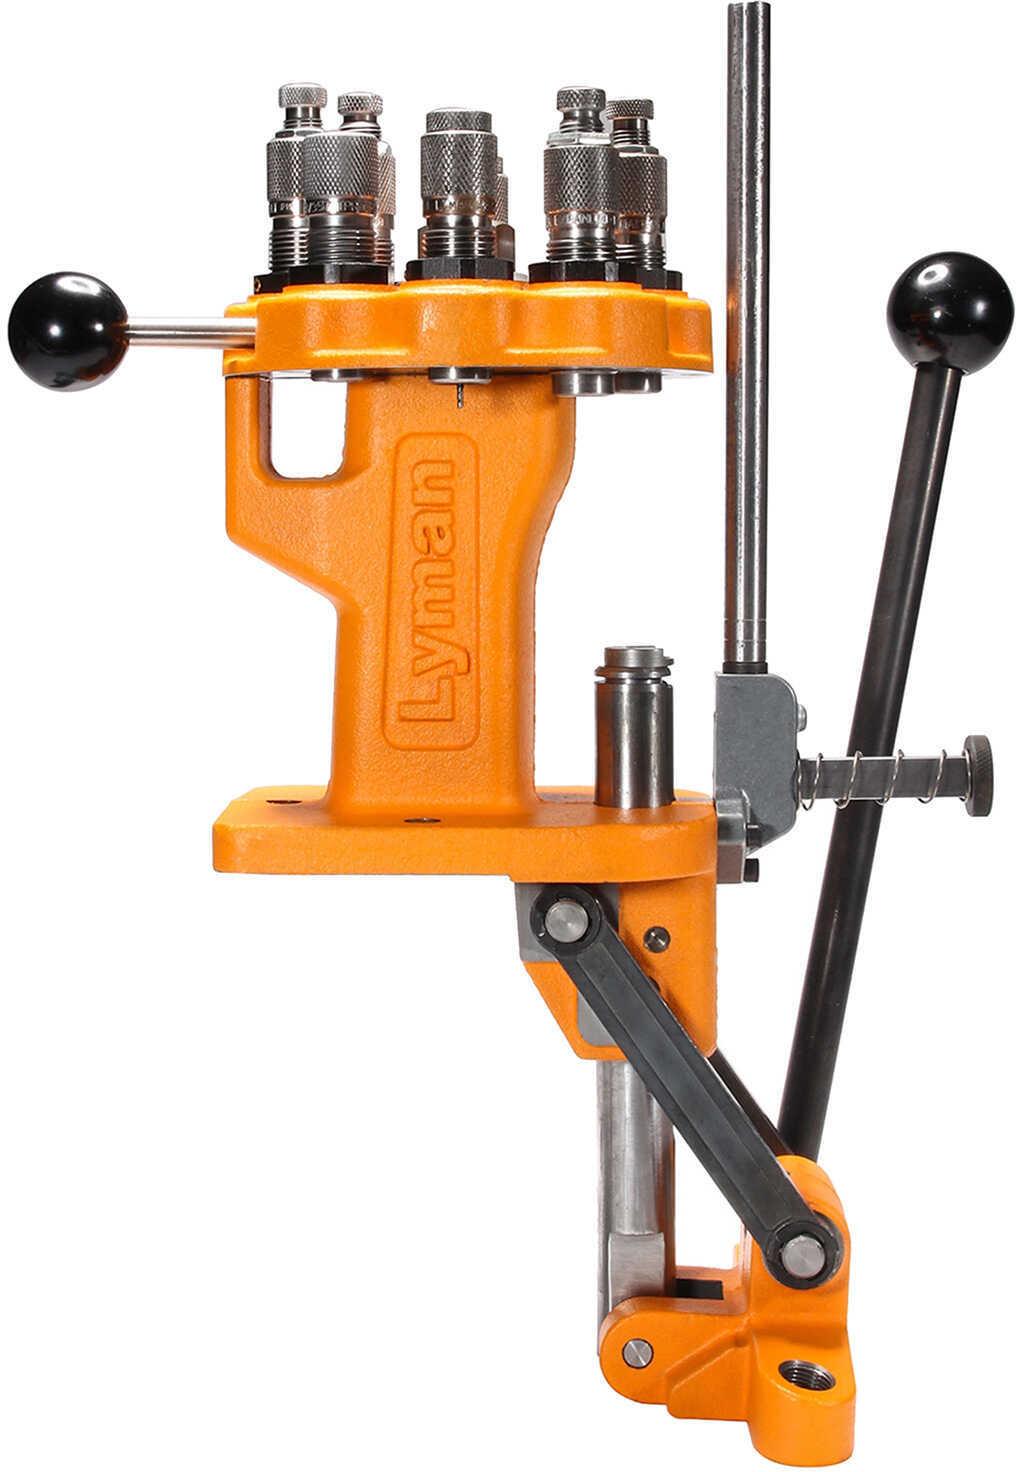 Lyman Brass Smith 8-Station Turret Press